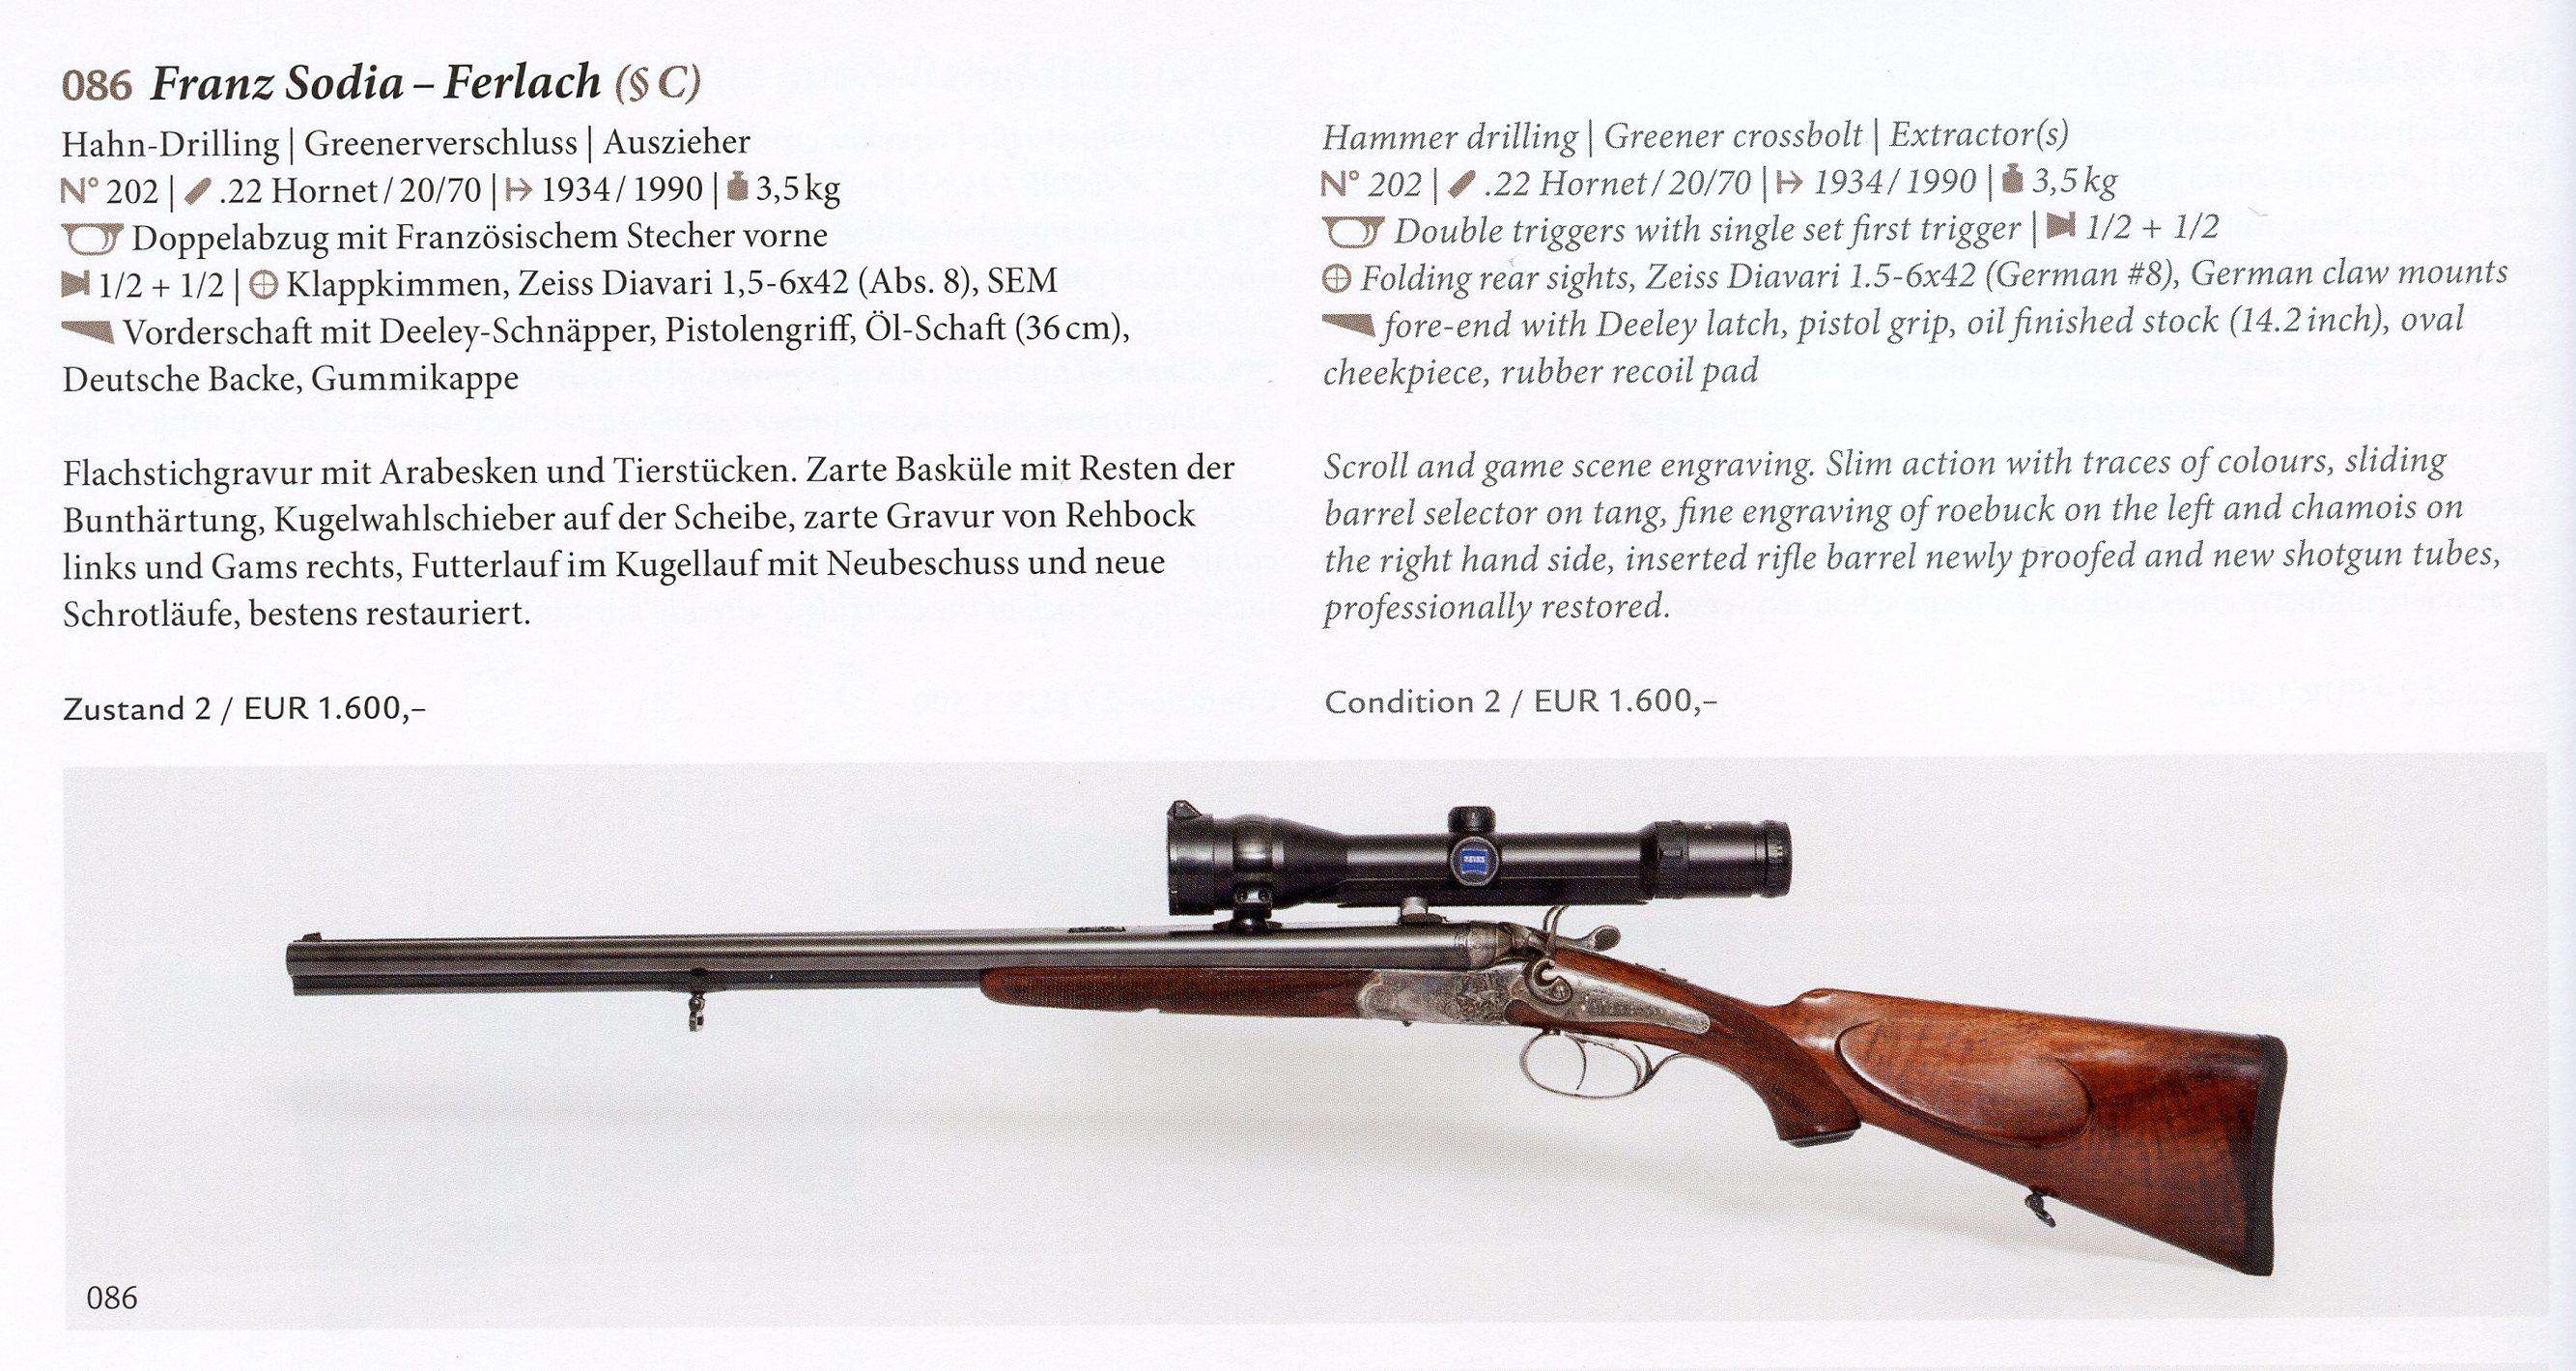 Sodia, Franz & Anton- Ferlach – German Hunting Guns